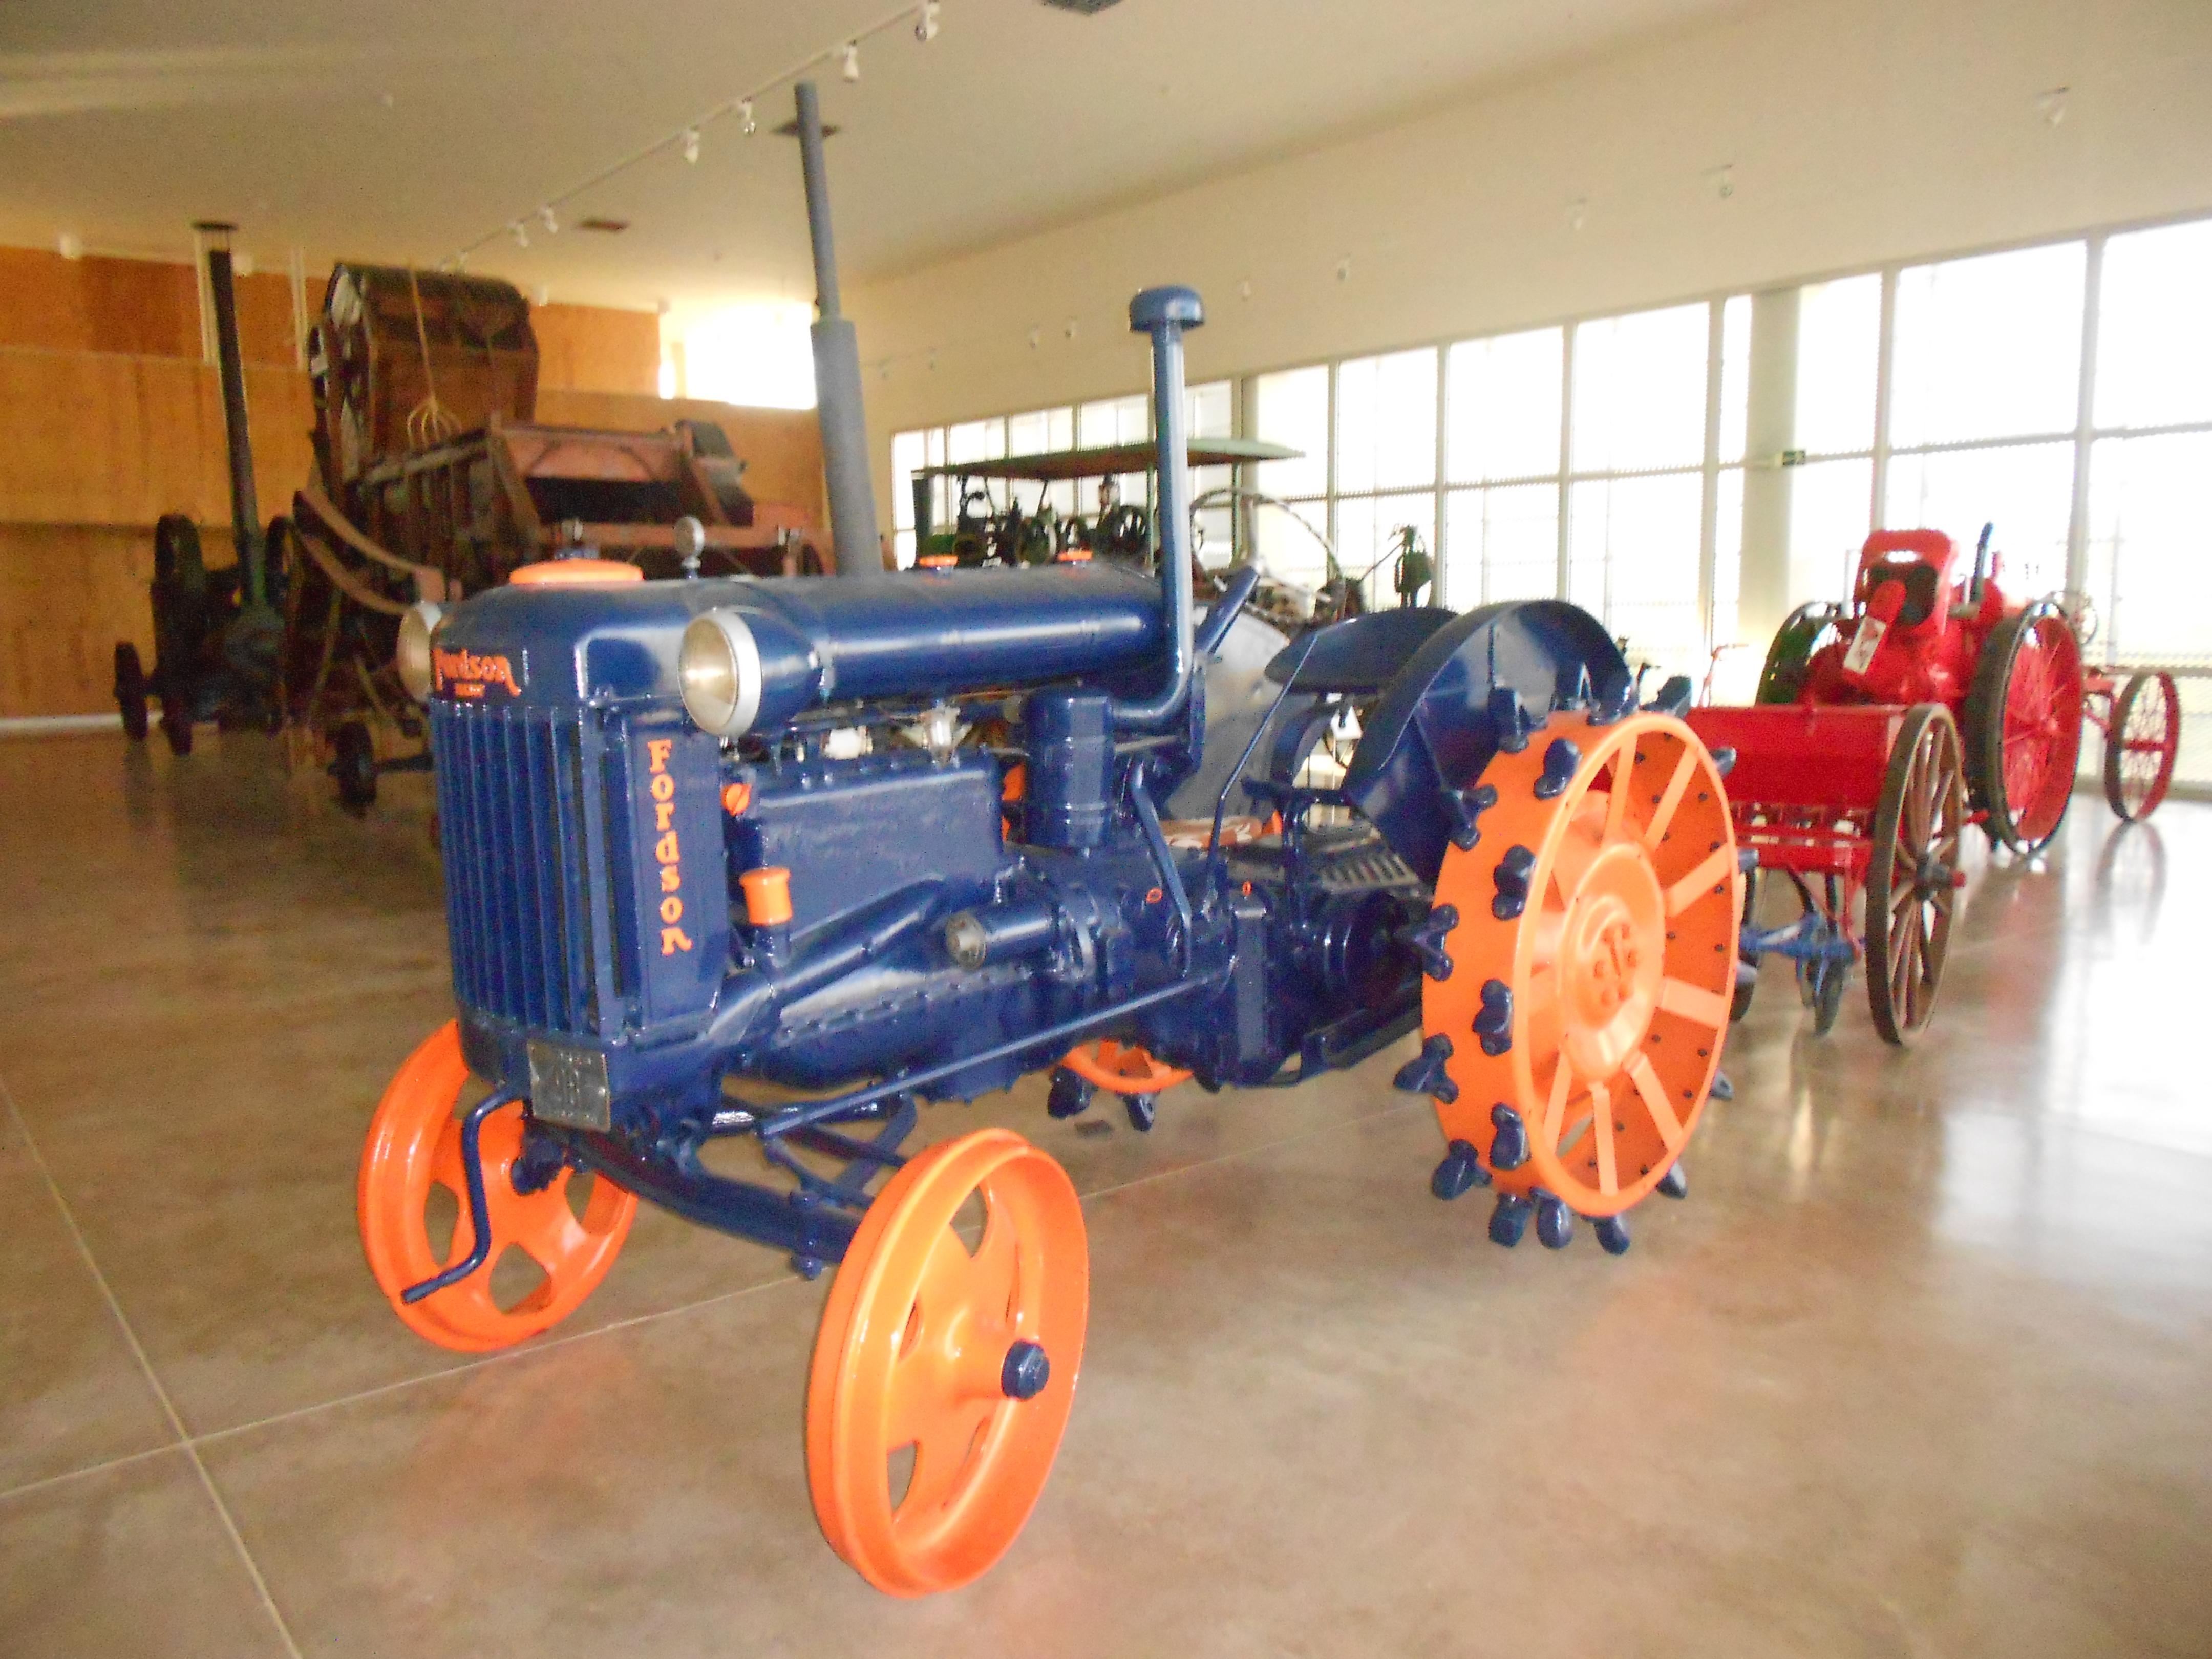 Archivo:Antiguo tractor (Aquagraria).JPG - Wikipedia, la ...